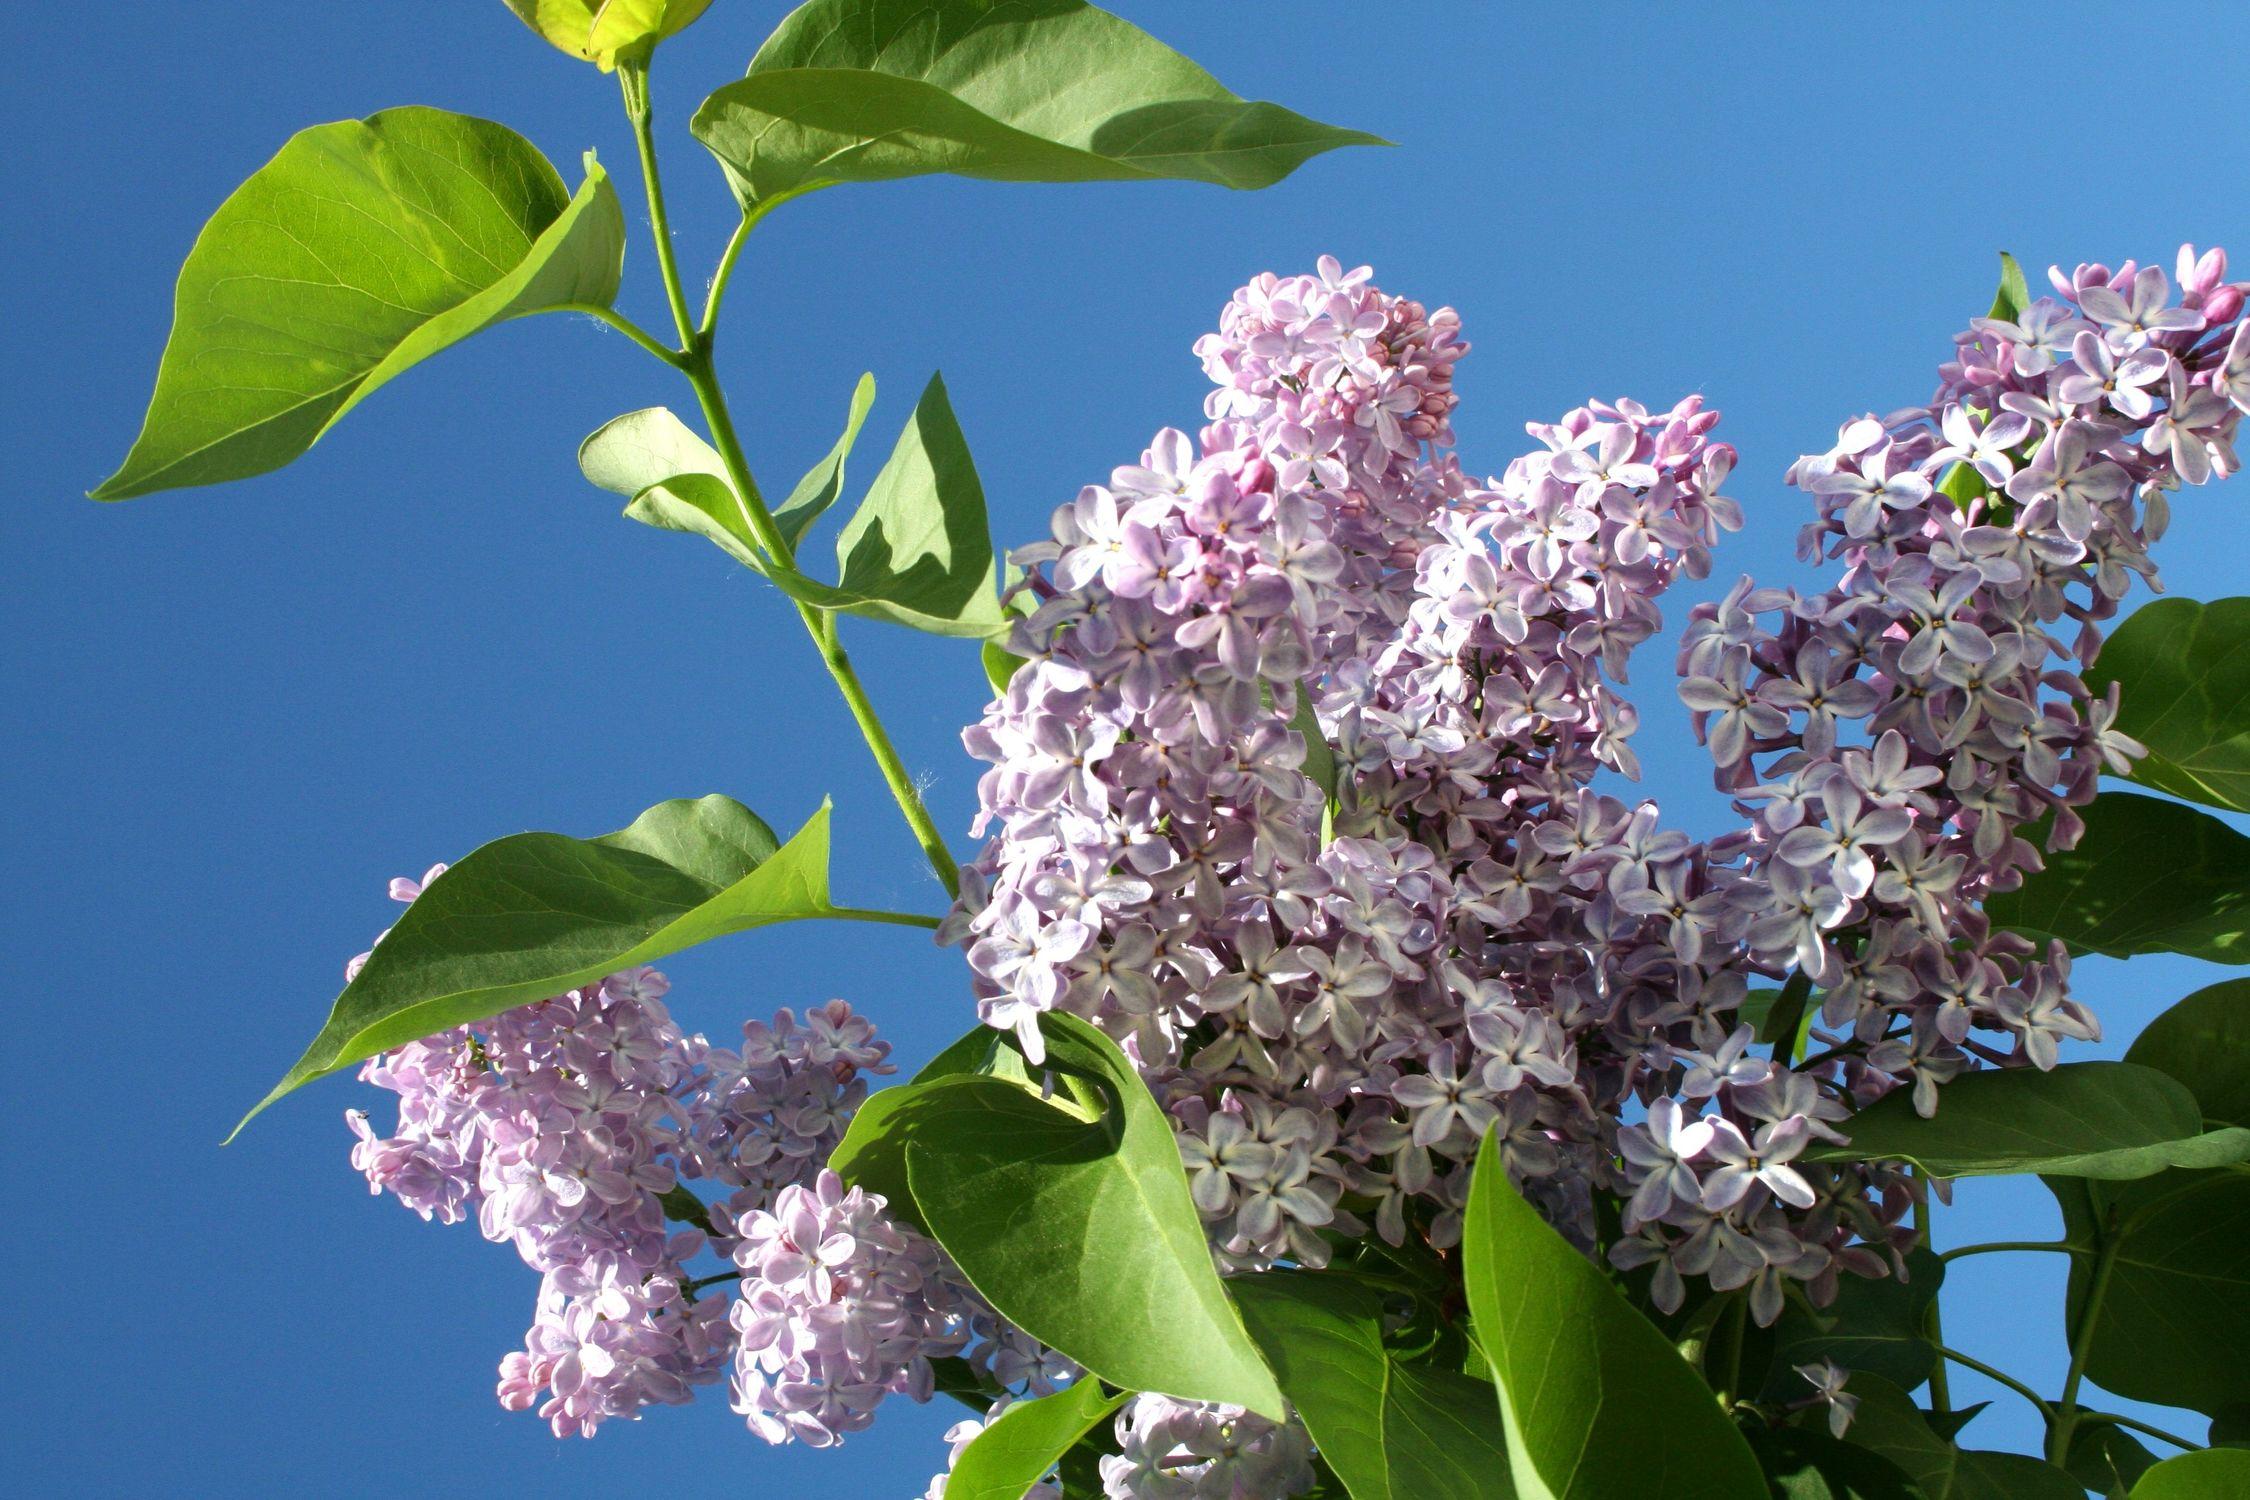 Bild mit Farben, Natur, Pflanzen, Bäume, Blumen, Lila, Baum, Blume, Pflanze